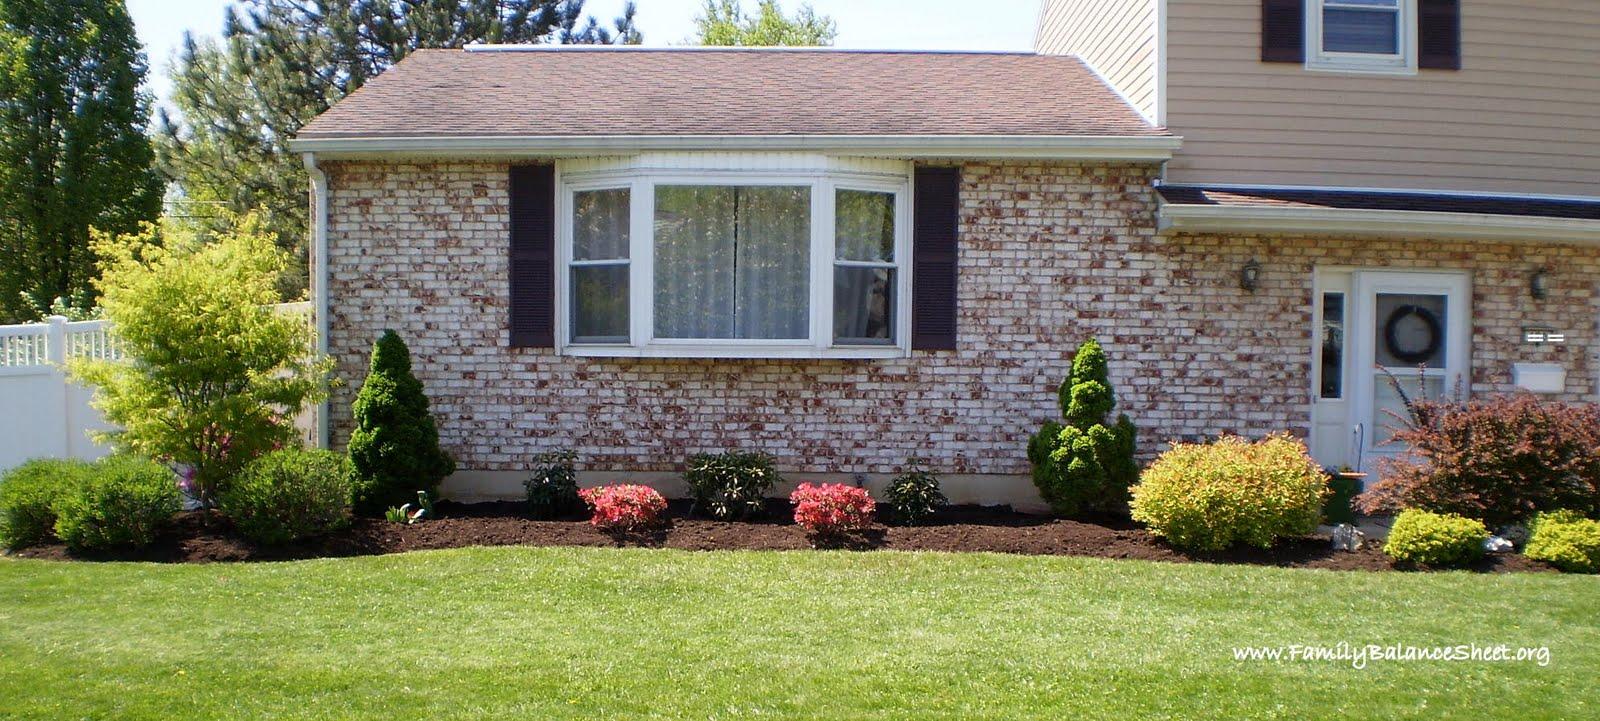 Front Yard Garden Designs Home Design Ideas